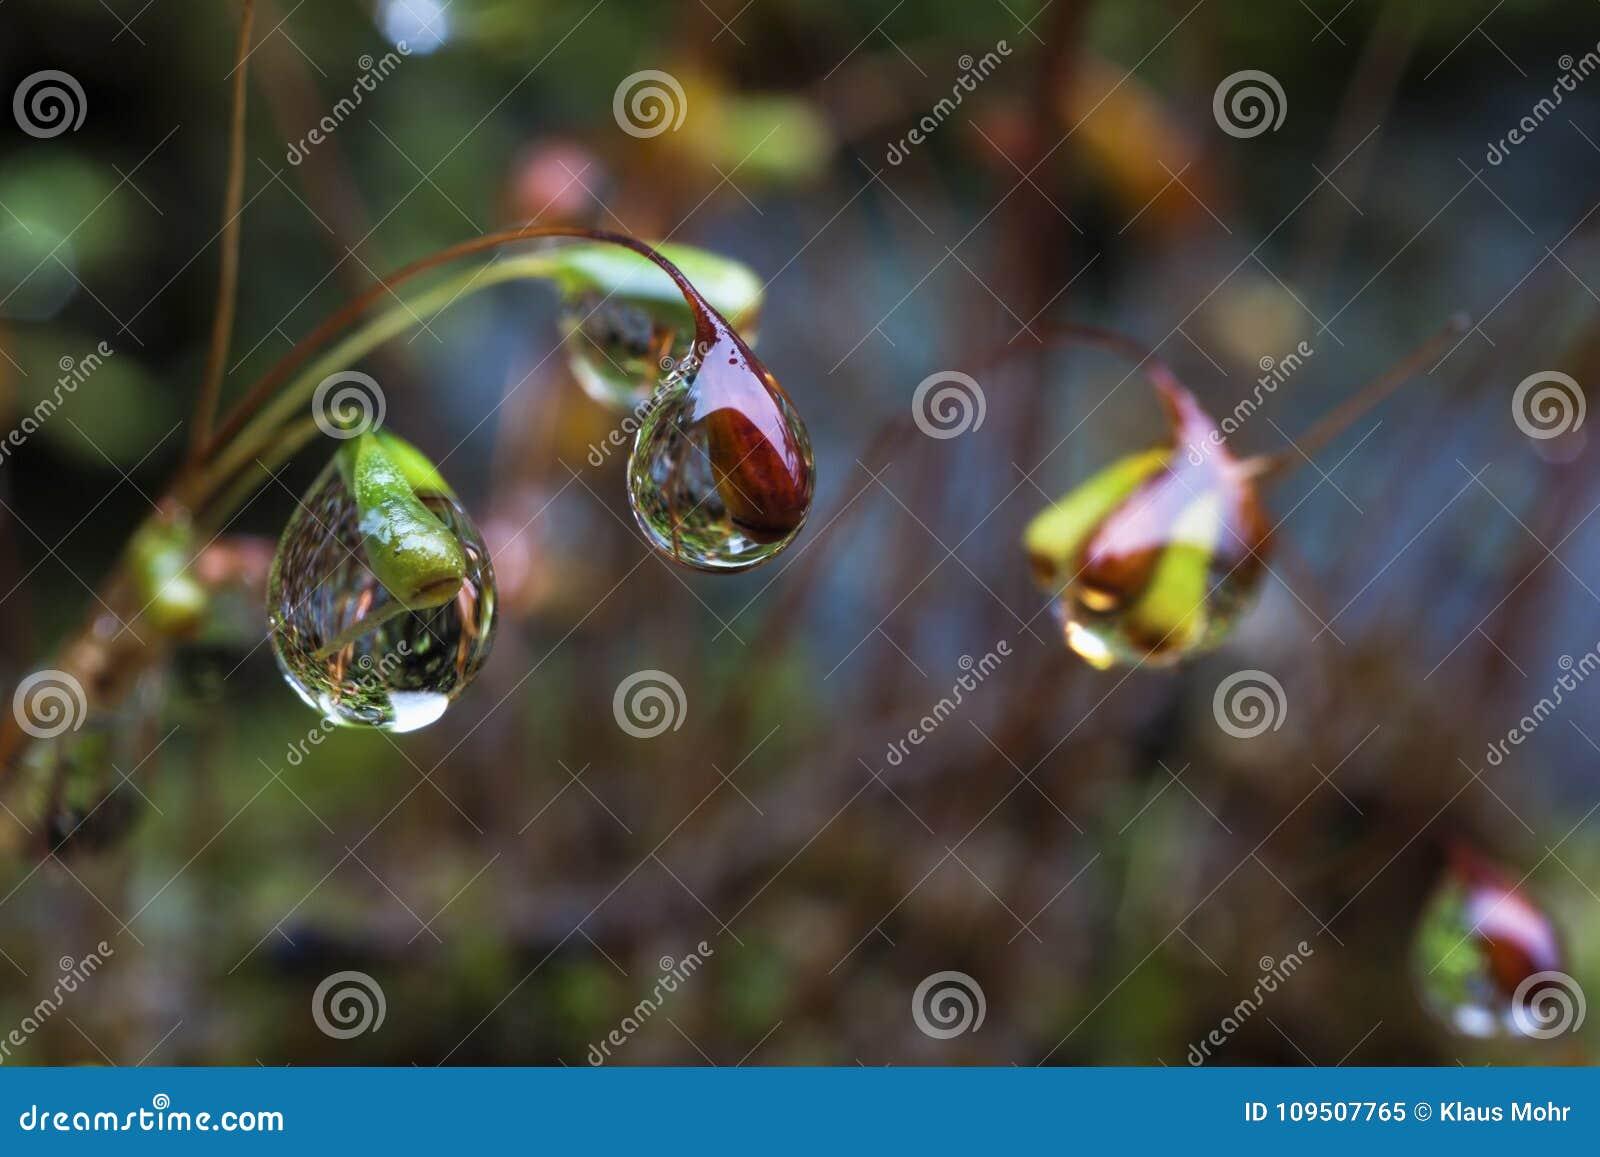 Goccioline di acqua alle punte dei semi del muschio